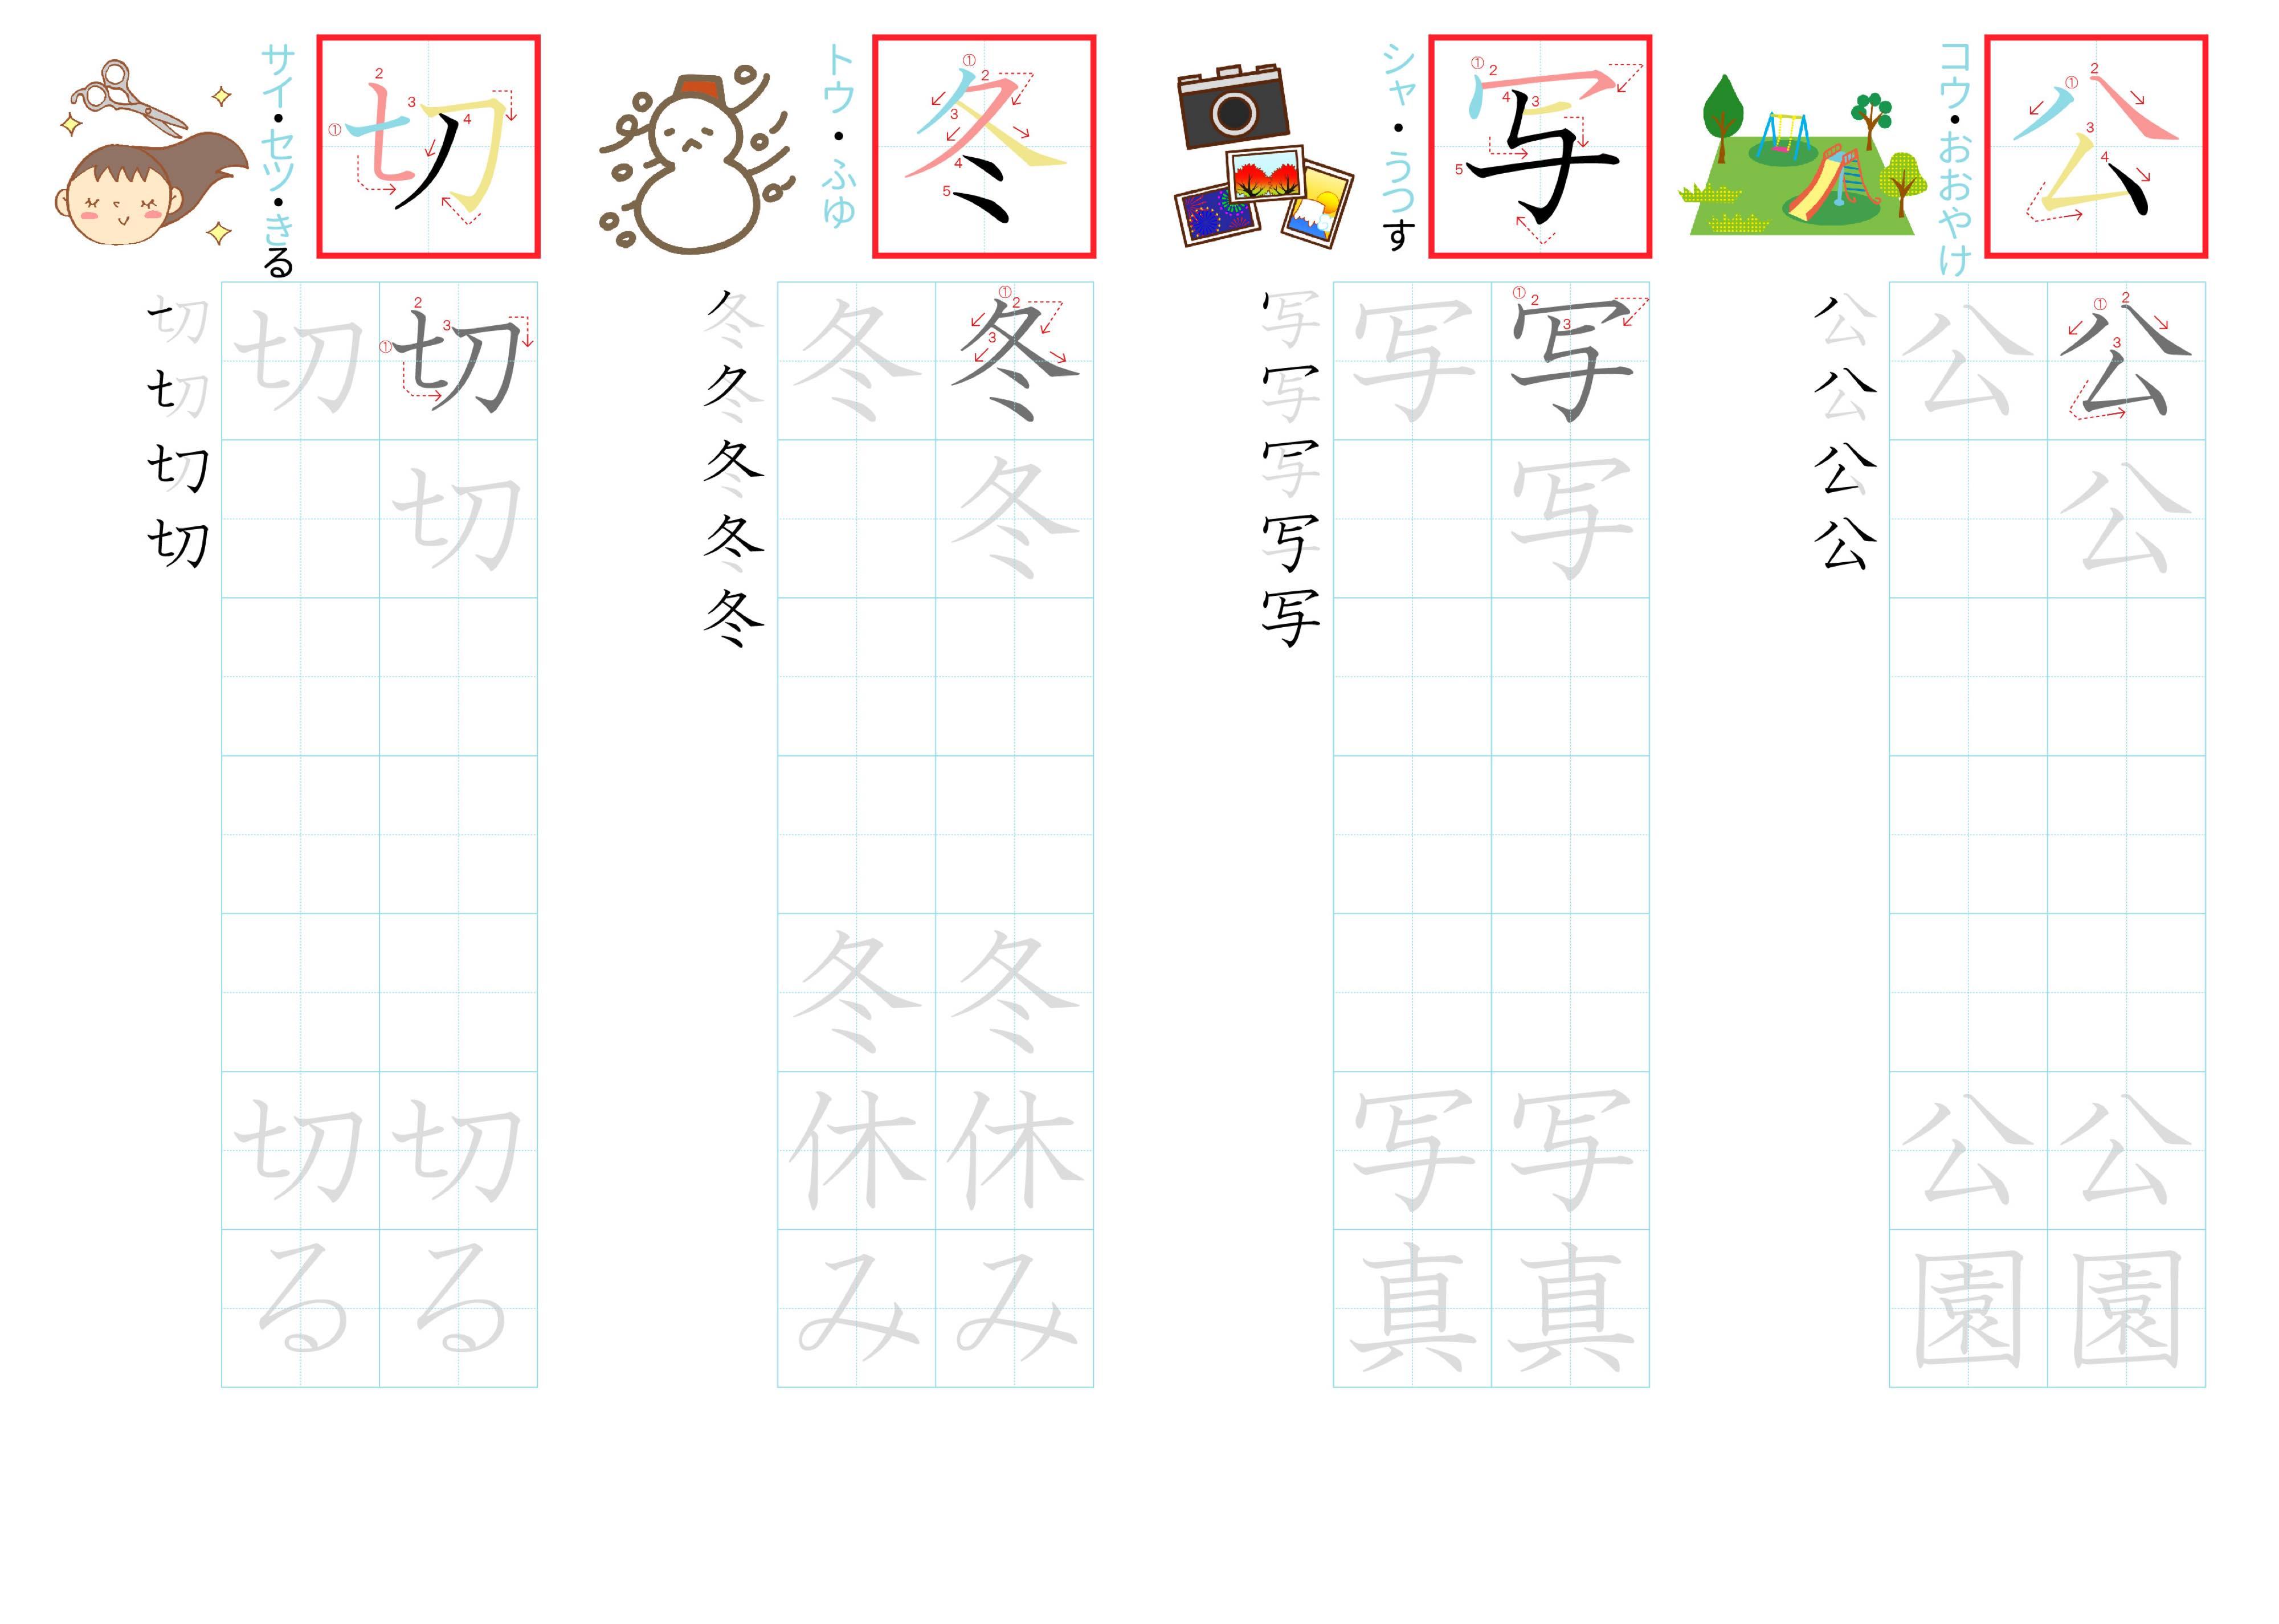 kanji-practice-card-n4-japanese-025